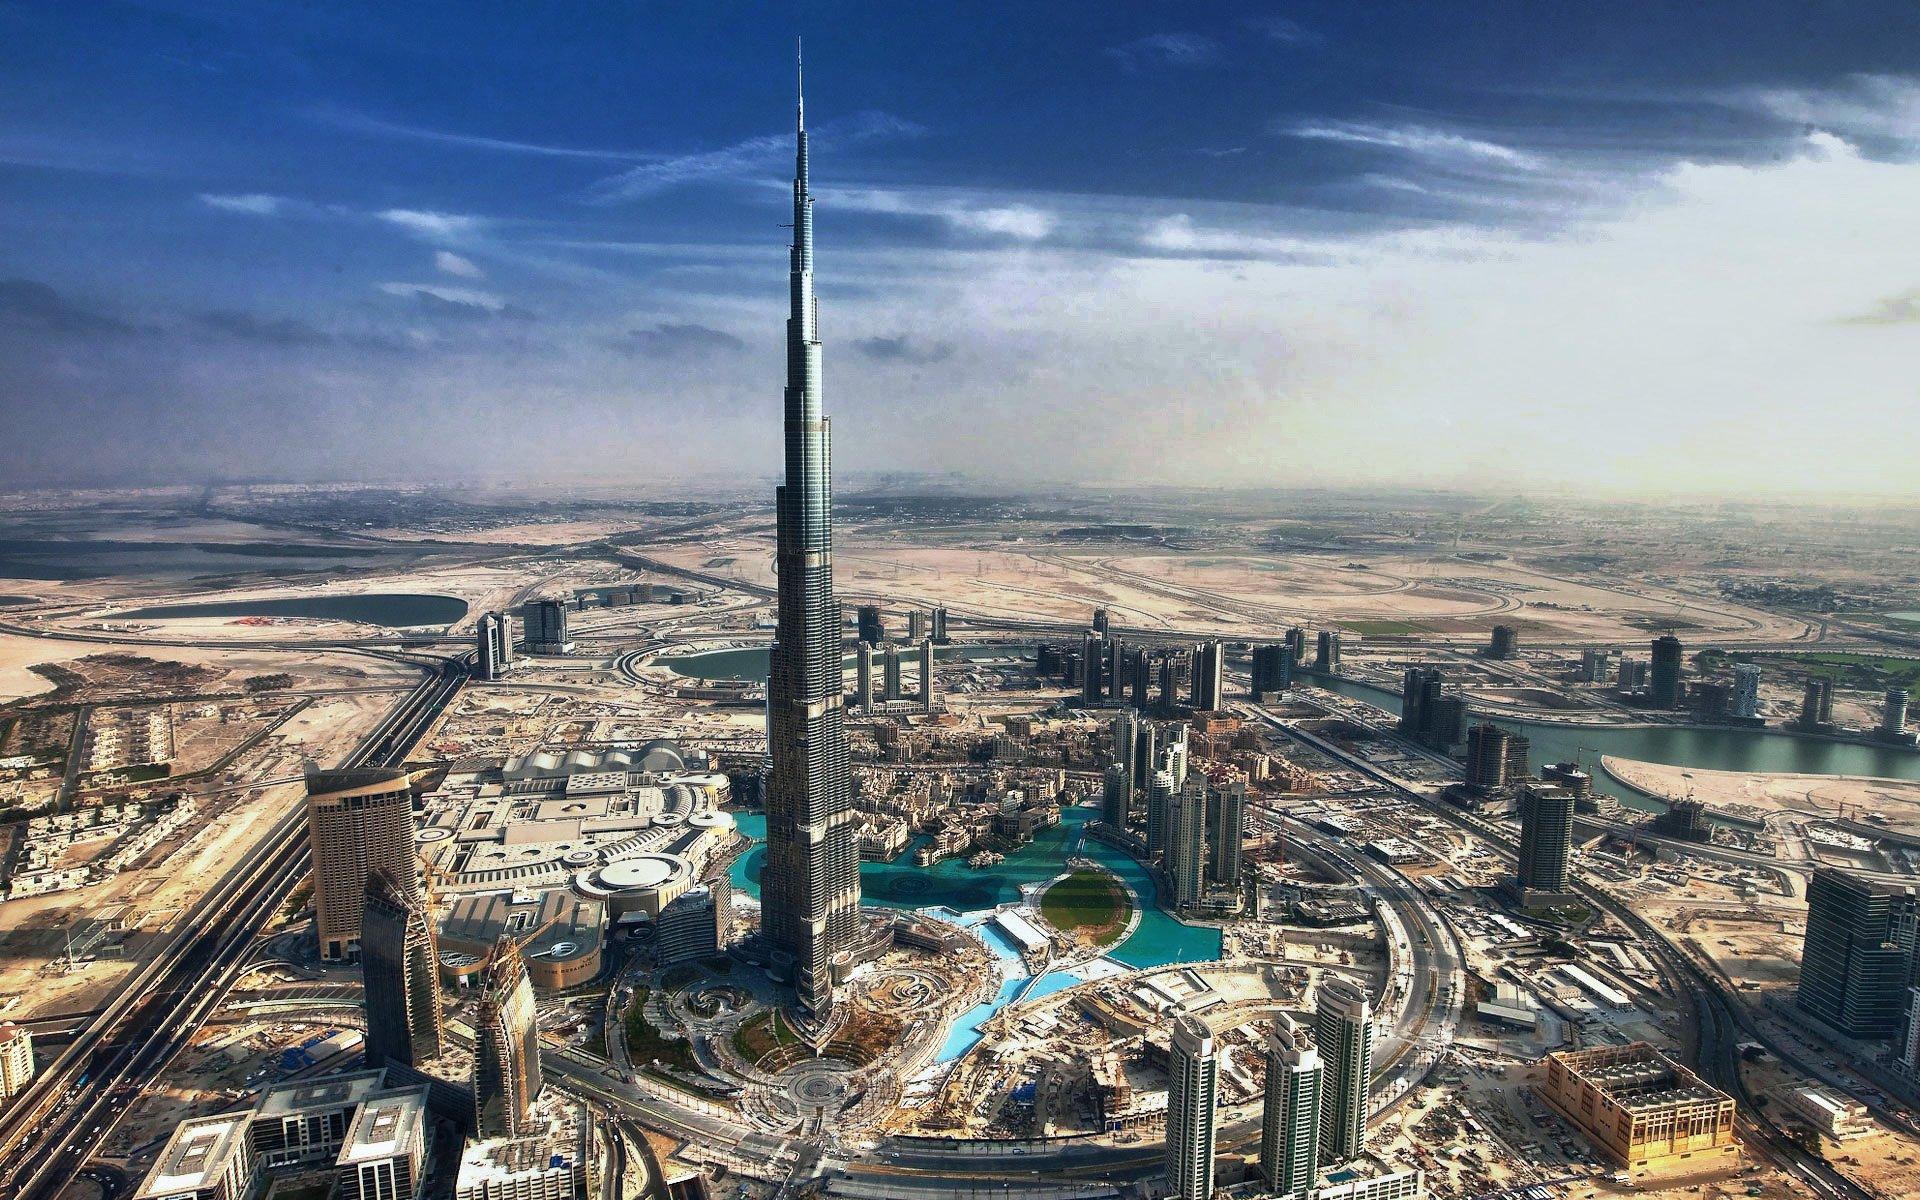 Fonds d'écran Burj Khalifa PC et Tablettes (iPad, etc...)